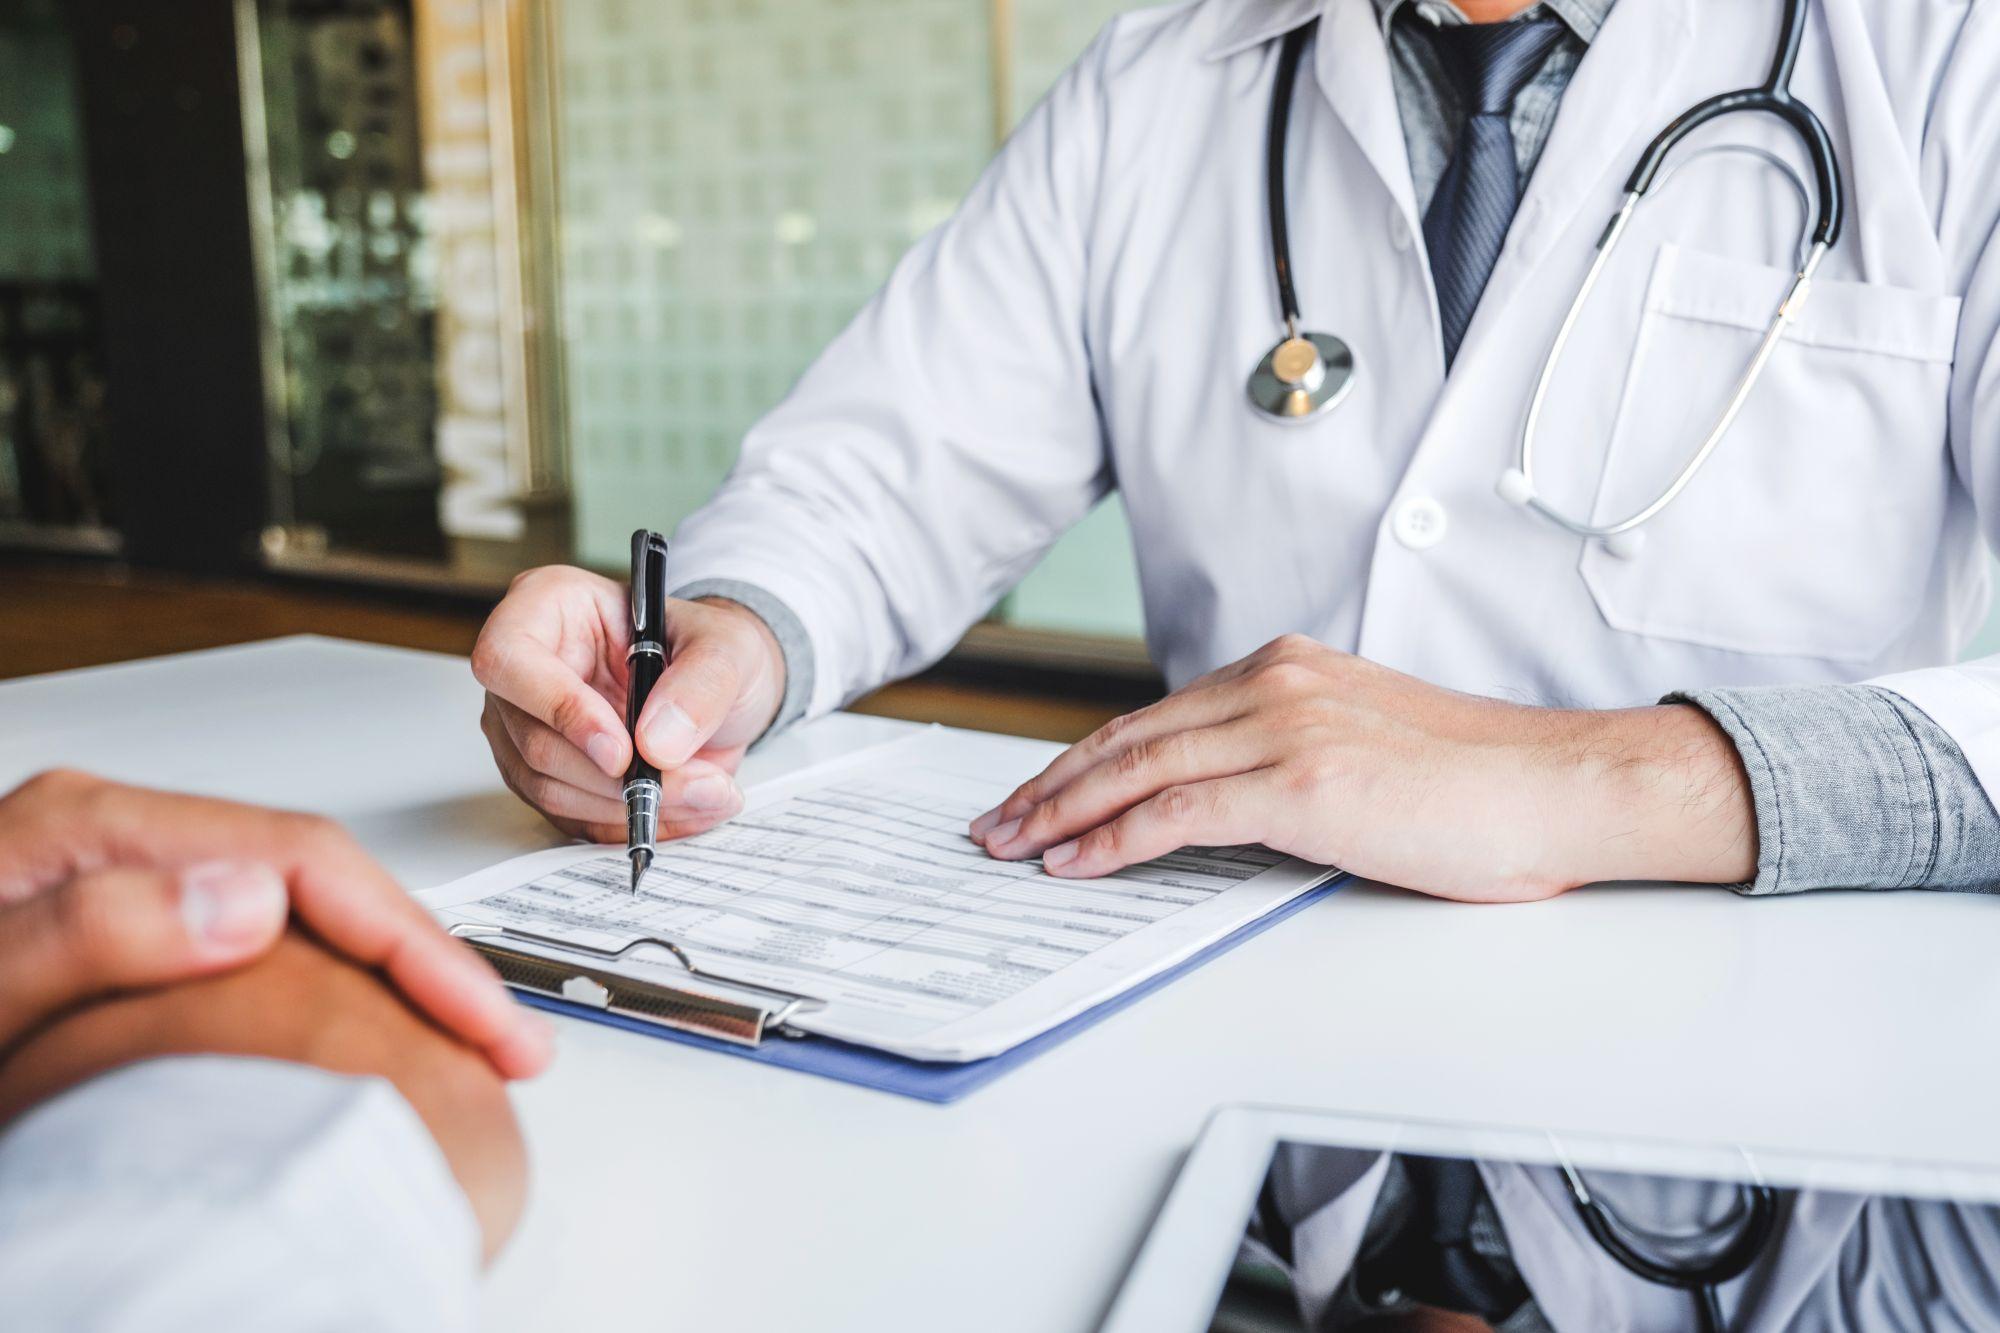 Egy orvosi vizsgálatot érdemes megejteni mielőtt szigorú diétába kezdesz